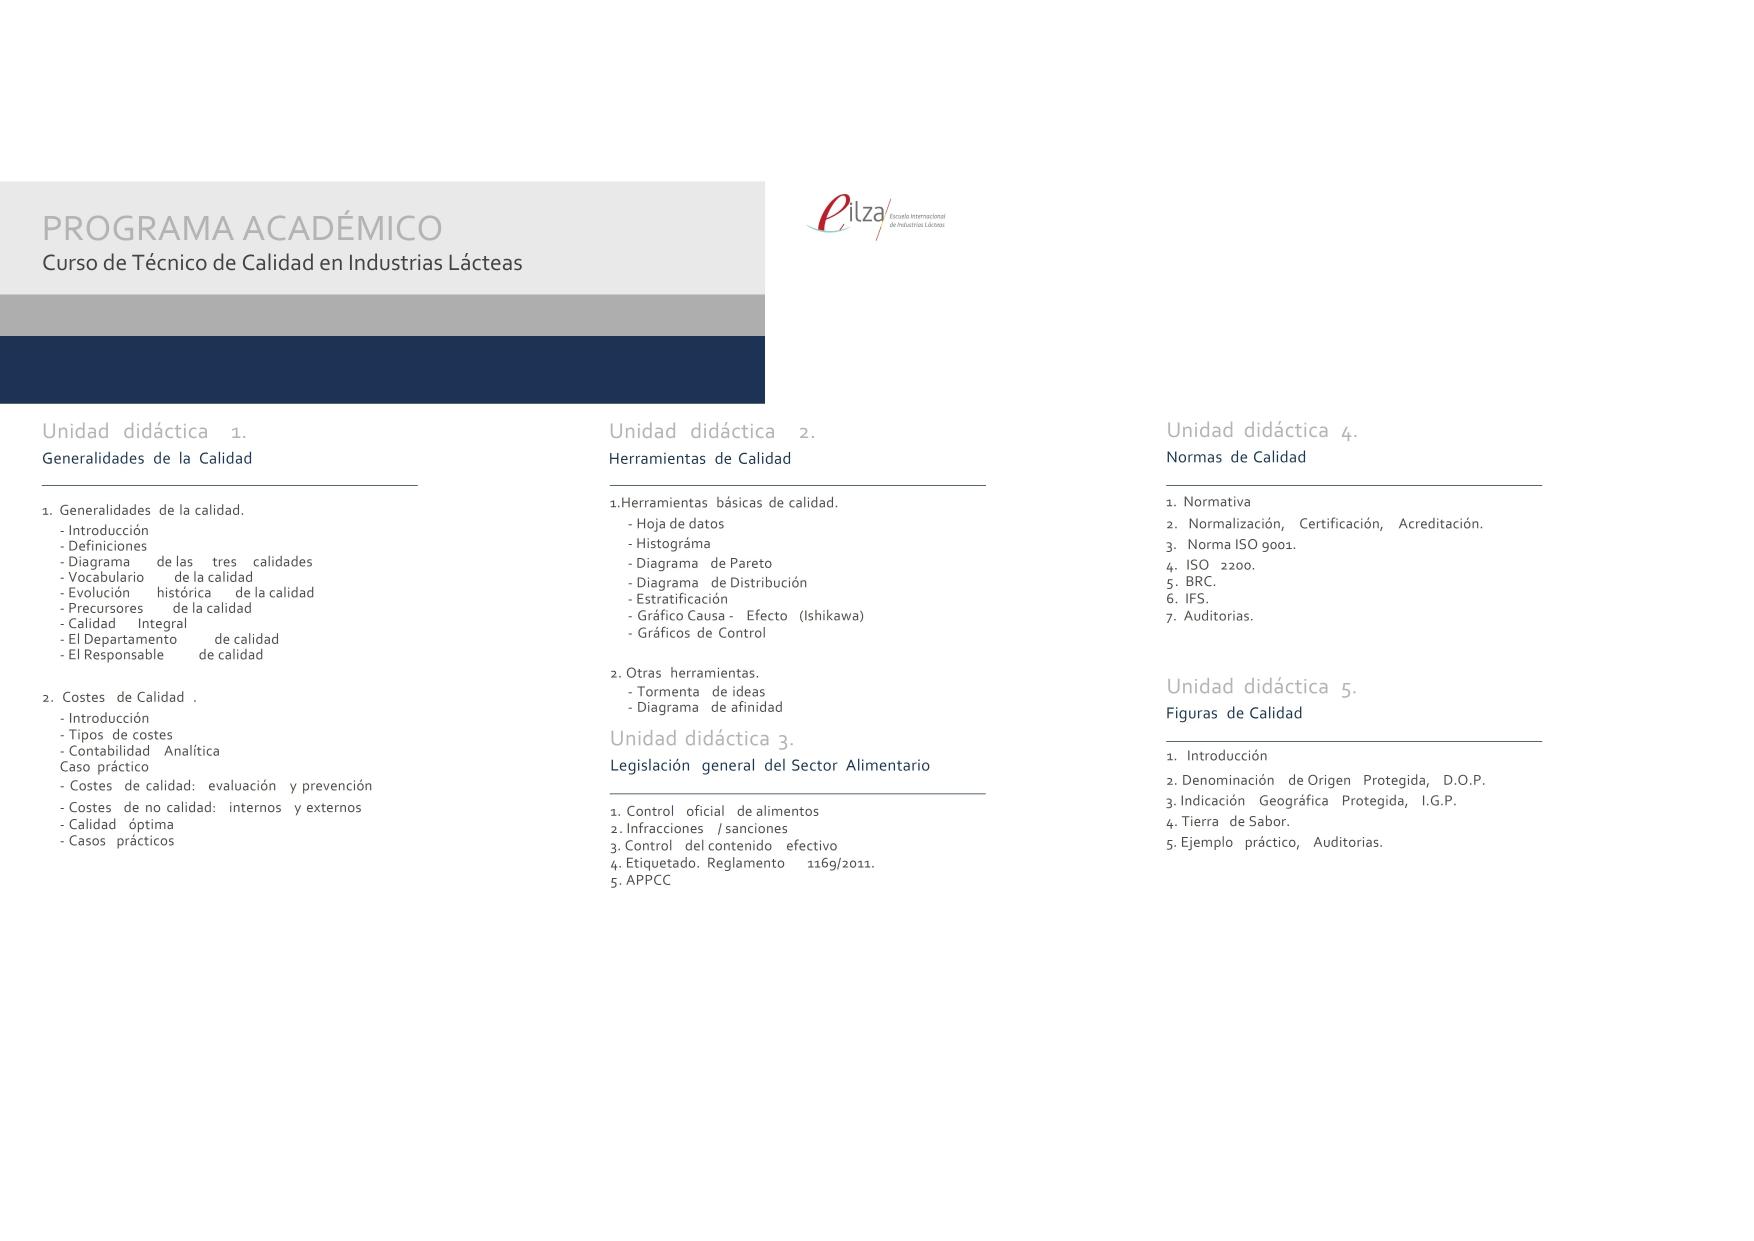 2ª Edición Curso De Técnico De Calidad En Industrias Lácteas